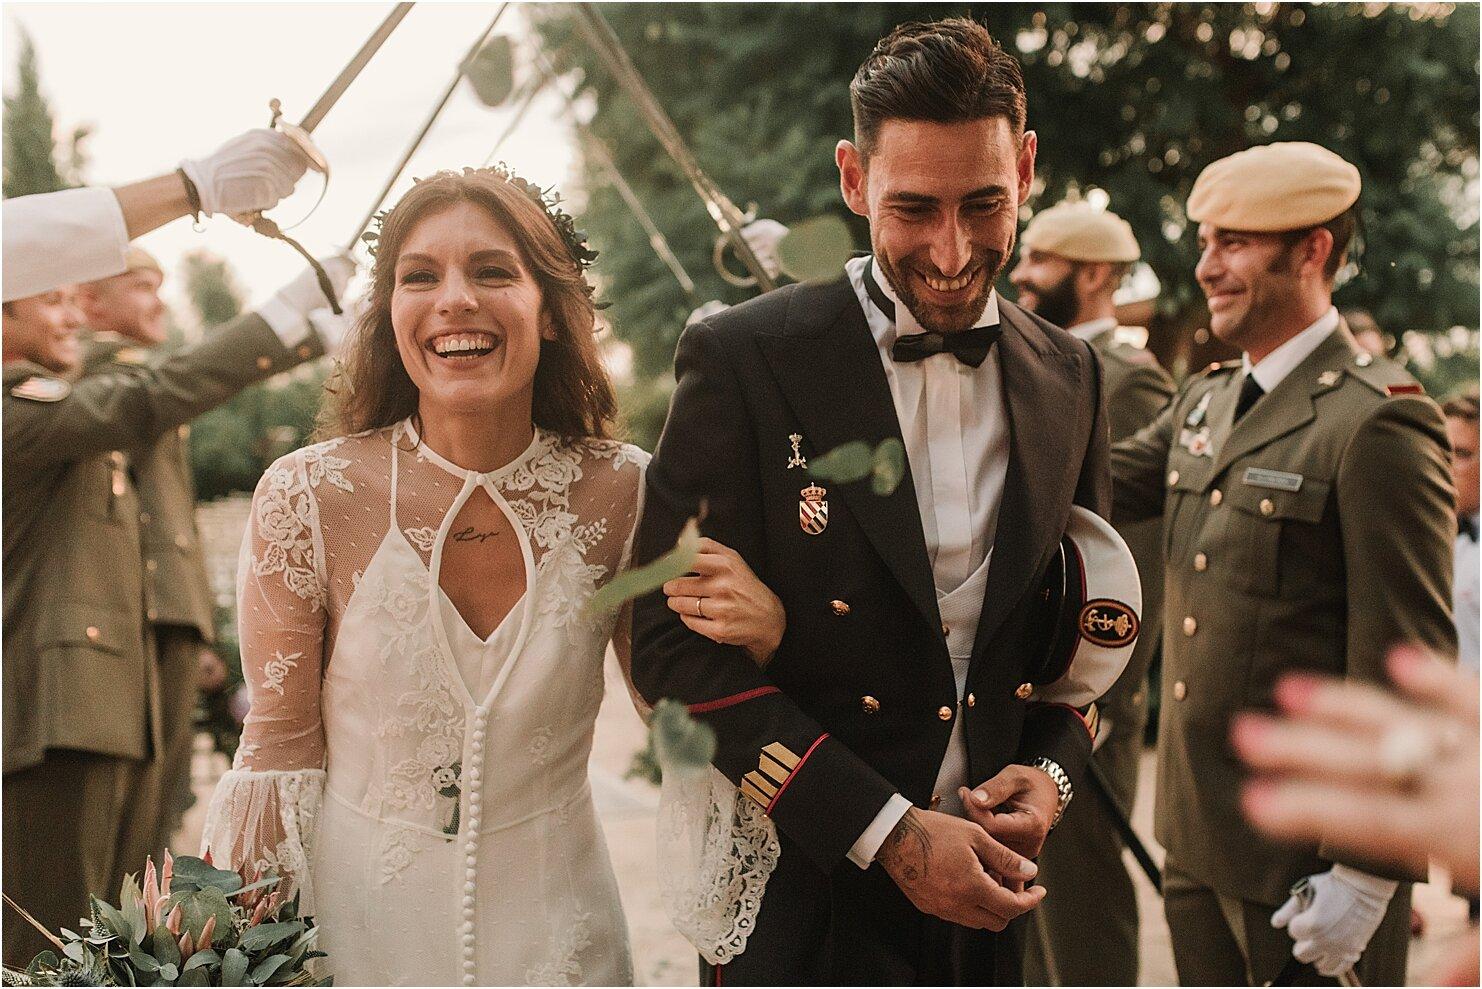 boda-romantica-boda-boho-vestido-de-novia-laura-lomas43.jpg